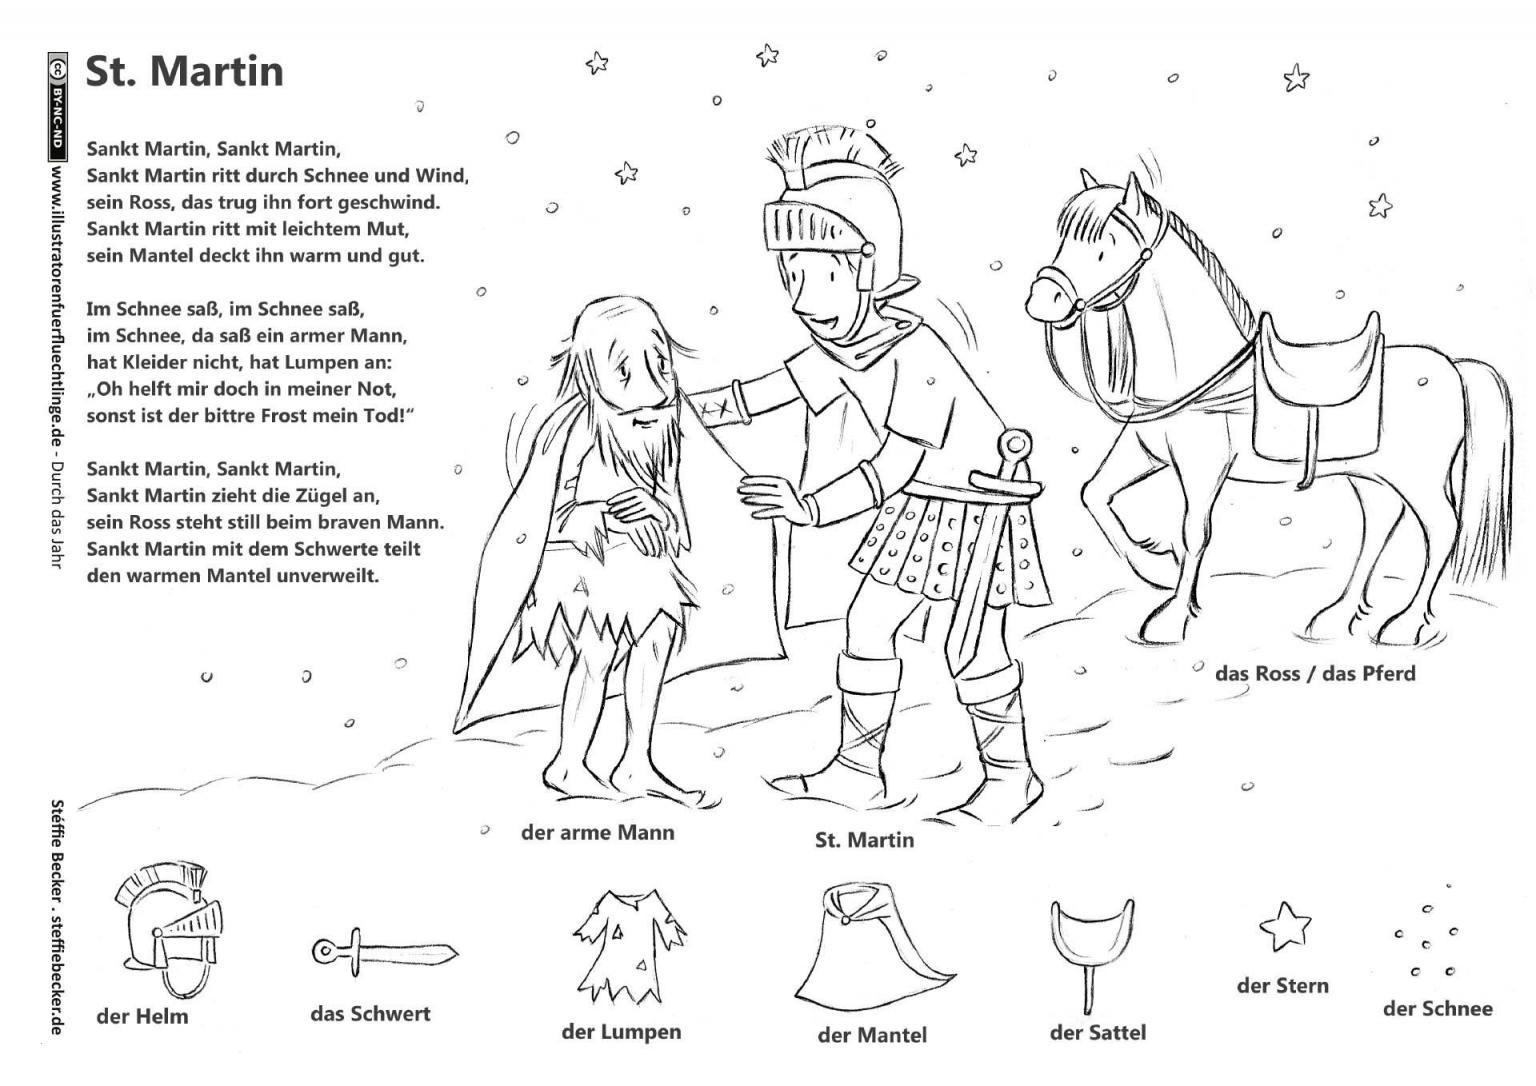 Ausmalbilder Weihnachten Engel Inspirierend Katzen Ausmalbilder Zum Ausdrucken Einzigartig Bayern Ausmalbilder Bilder